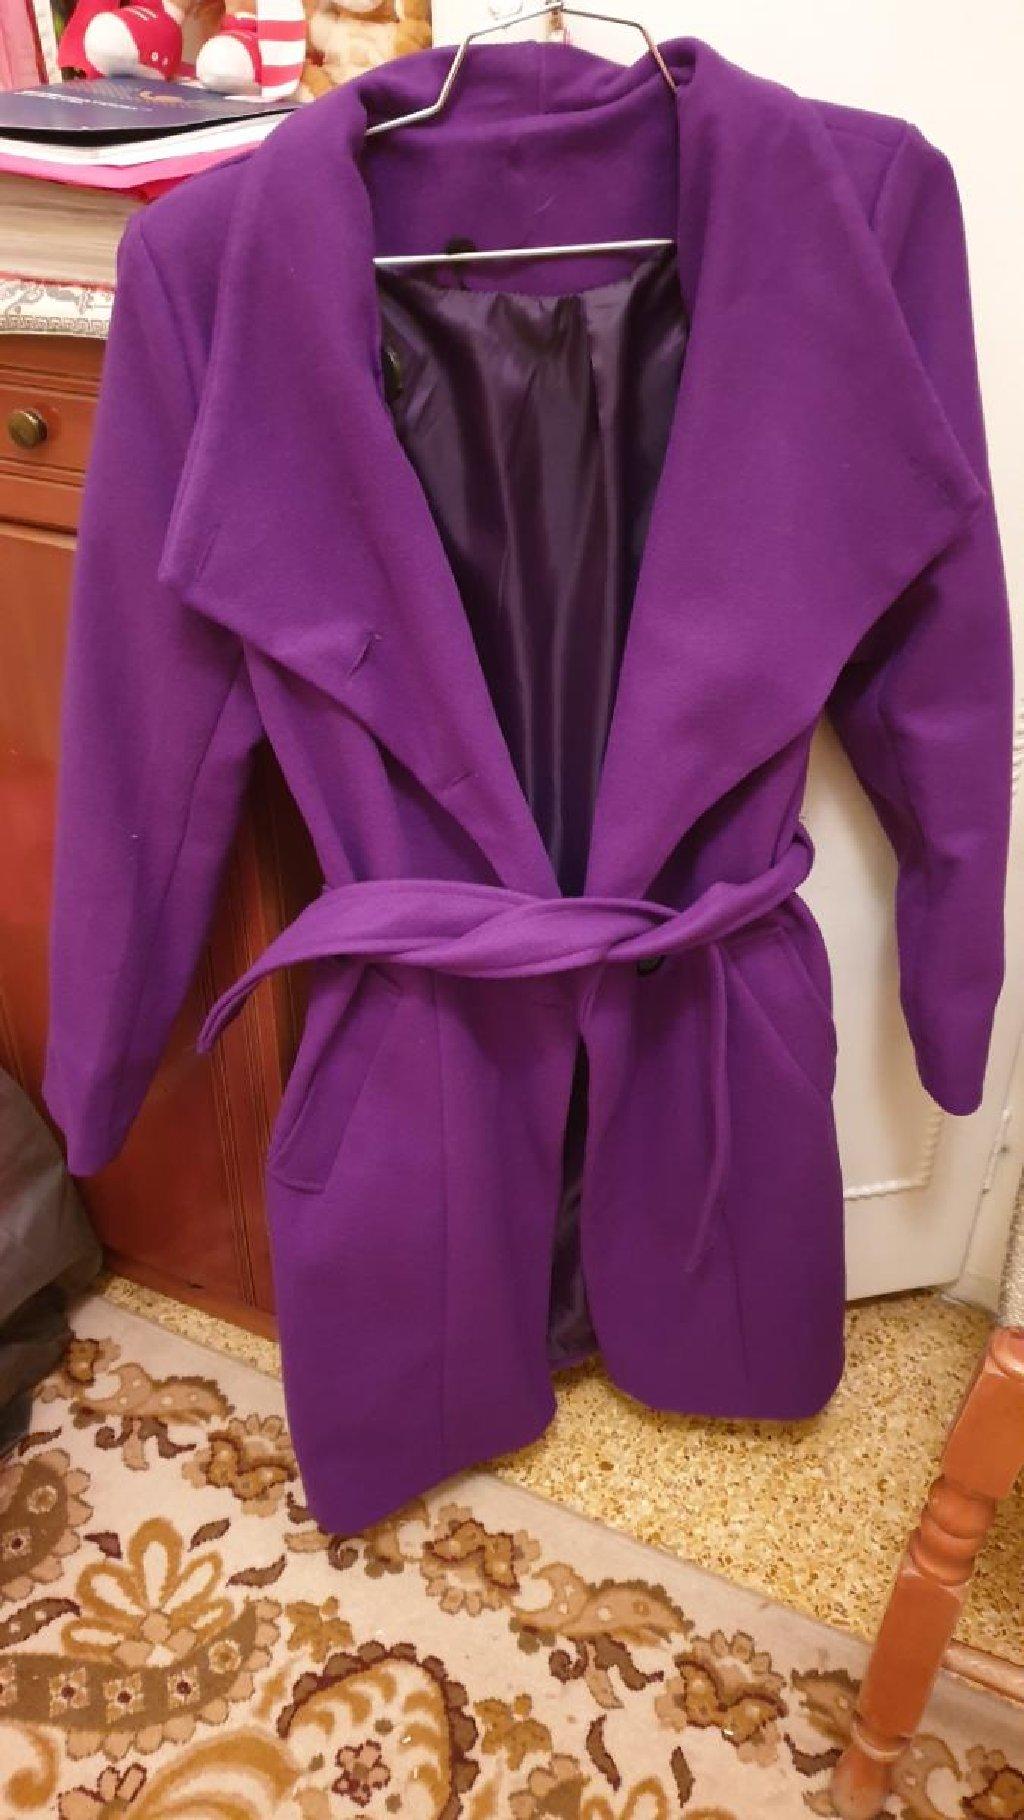 Παλτο ελαχιστα φορεμενο σε αριστη κατάσταση,medium,μωβ χρωμα